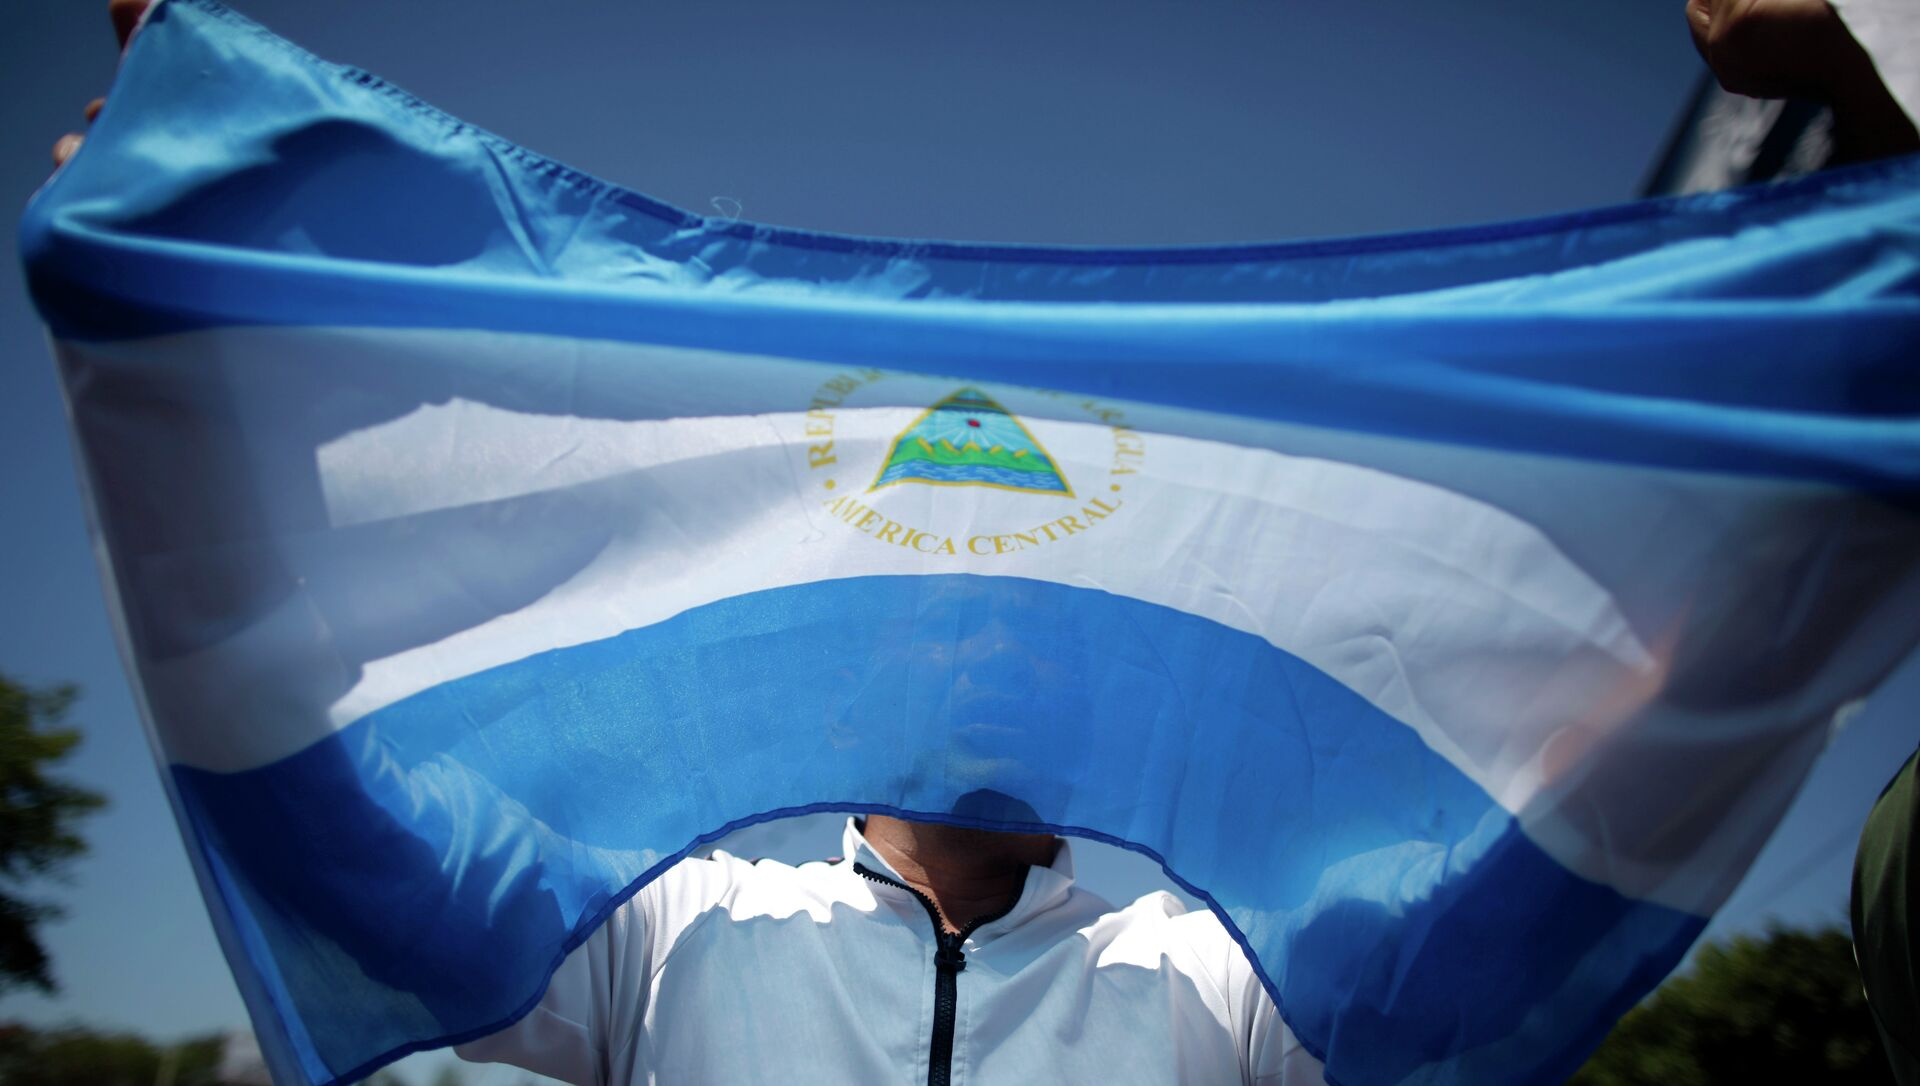 Флаг Республики Никарагуа. Архивное фото. - Sputnik Аҧсны, 1920, 15.09.2021